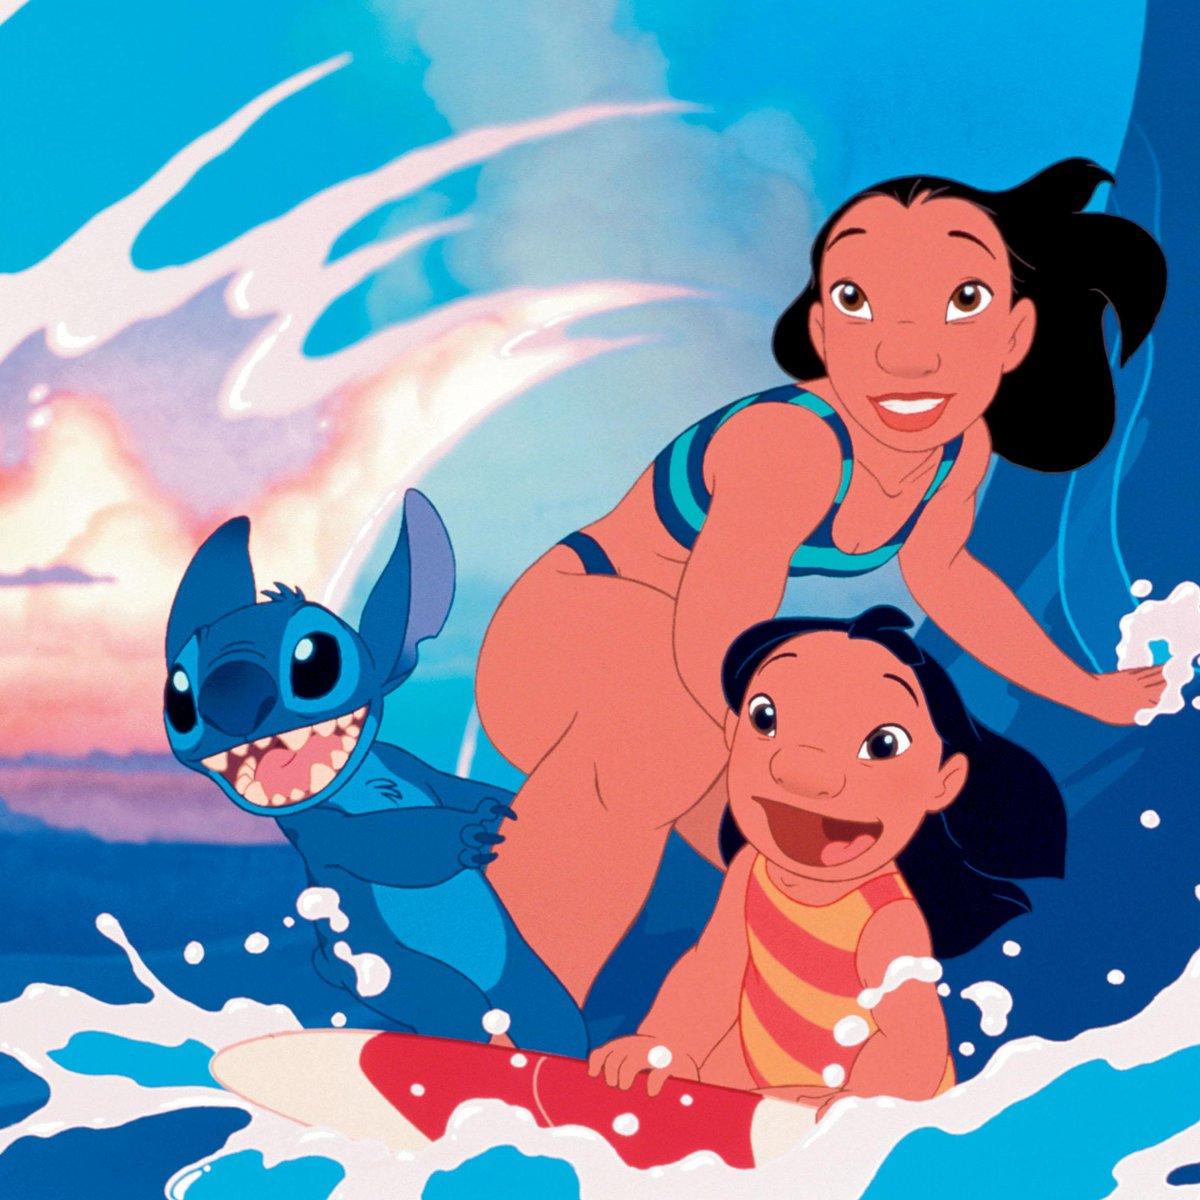 Une famille parfaite pour Stitch ! #LiloetStitch https://t.co/4JQSppzjSN